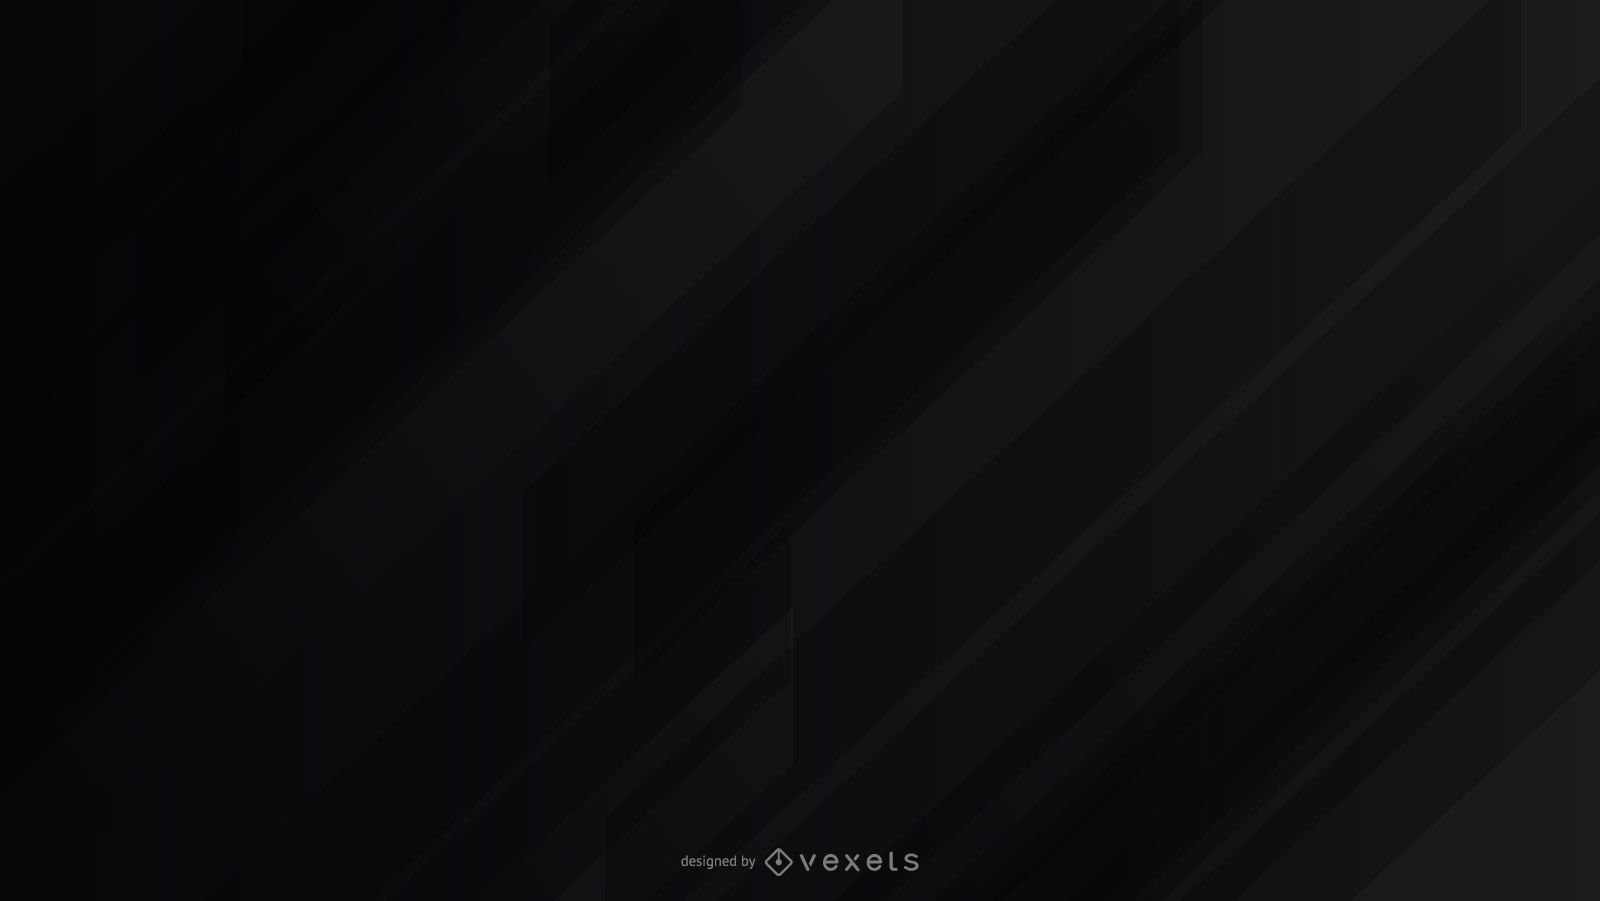 Diseño abstracto de fondo negro